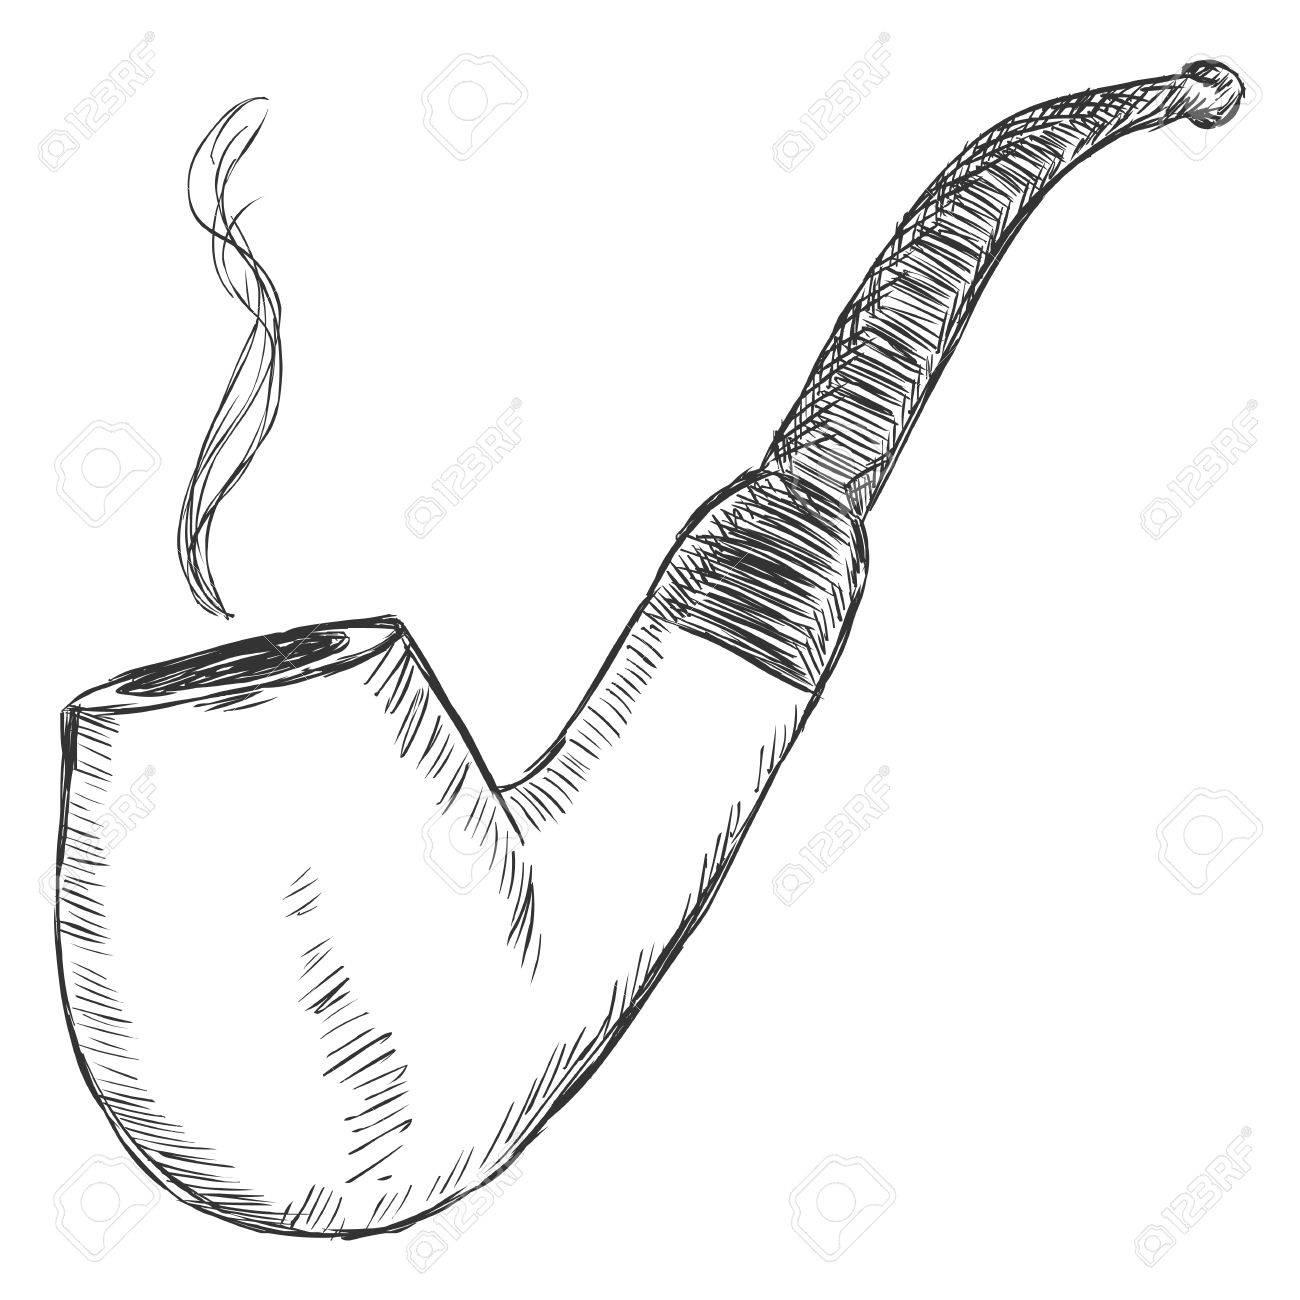 1300x1300 Vector Single Sketch Tobacco Pipe